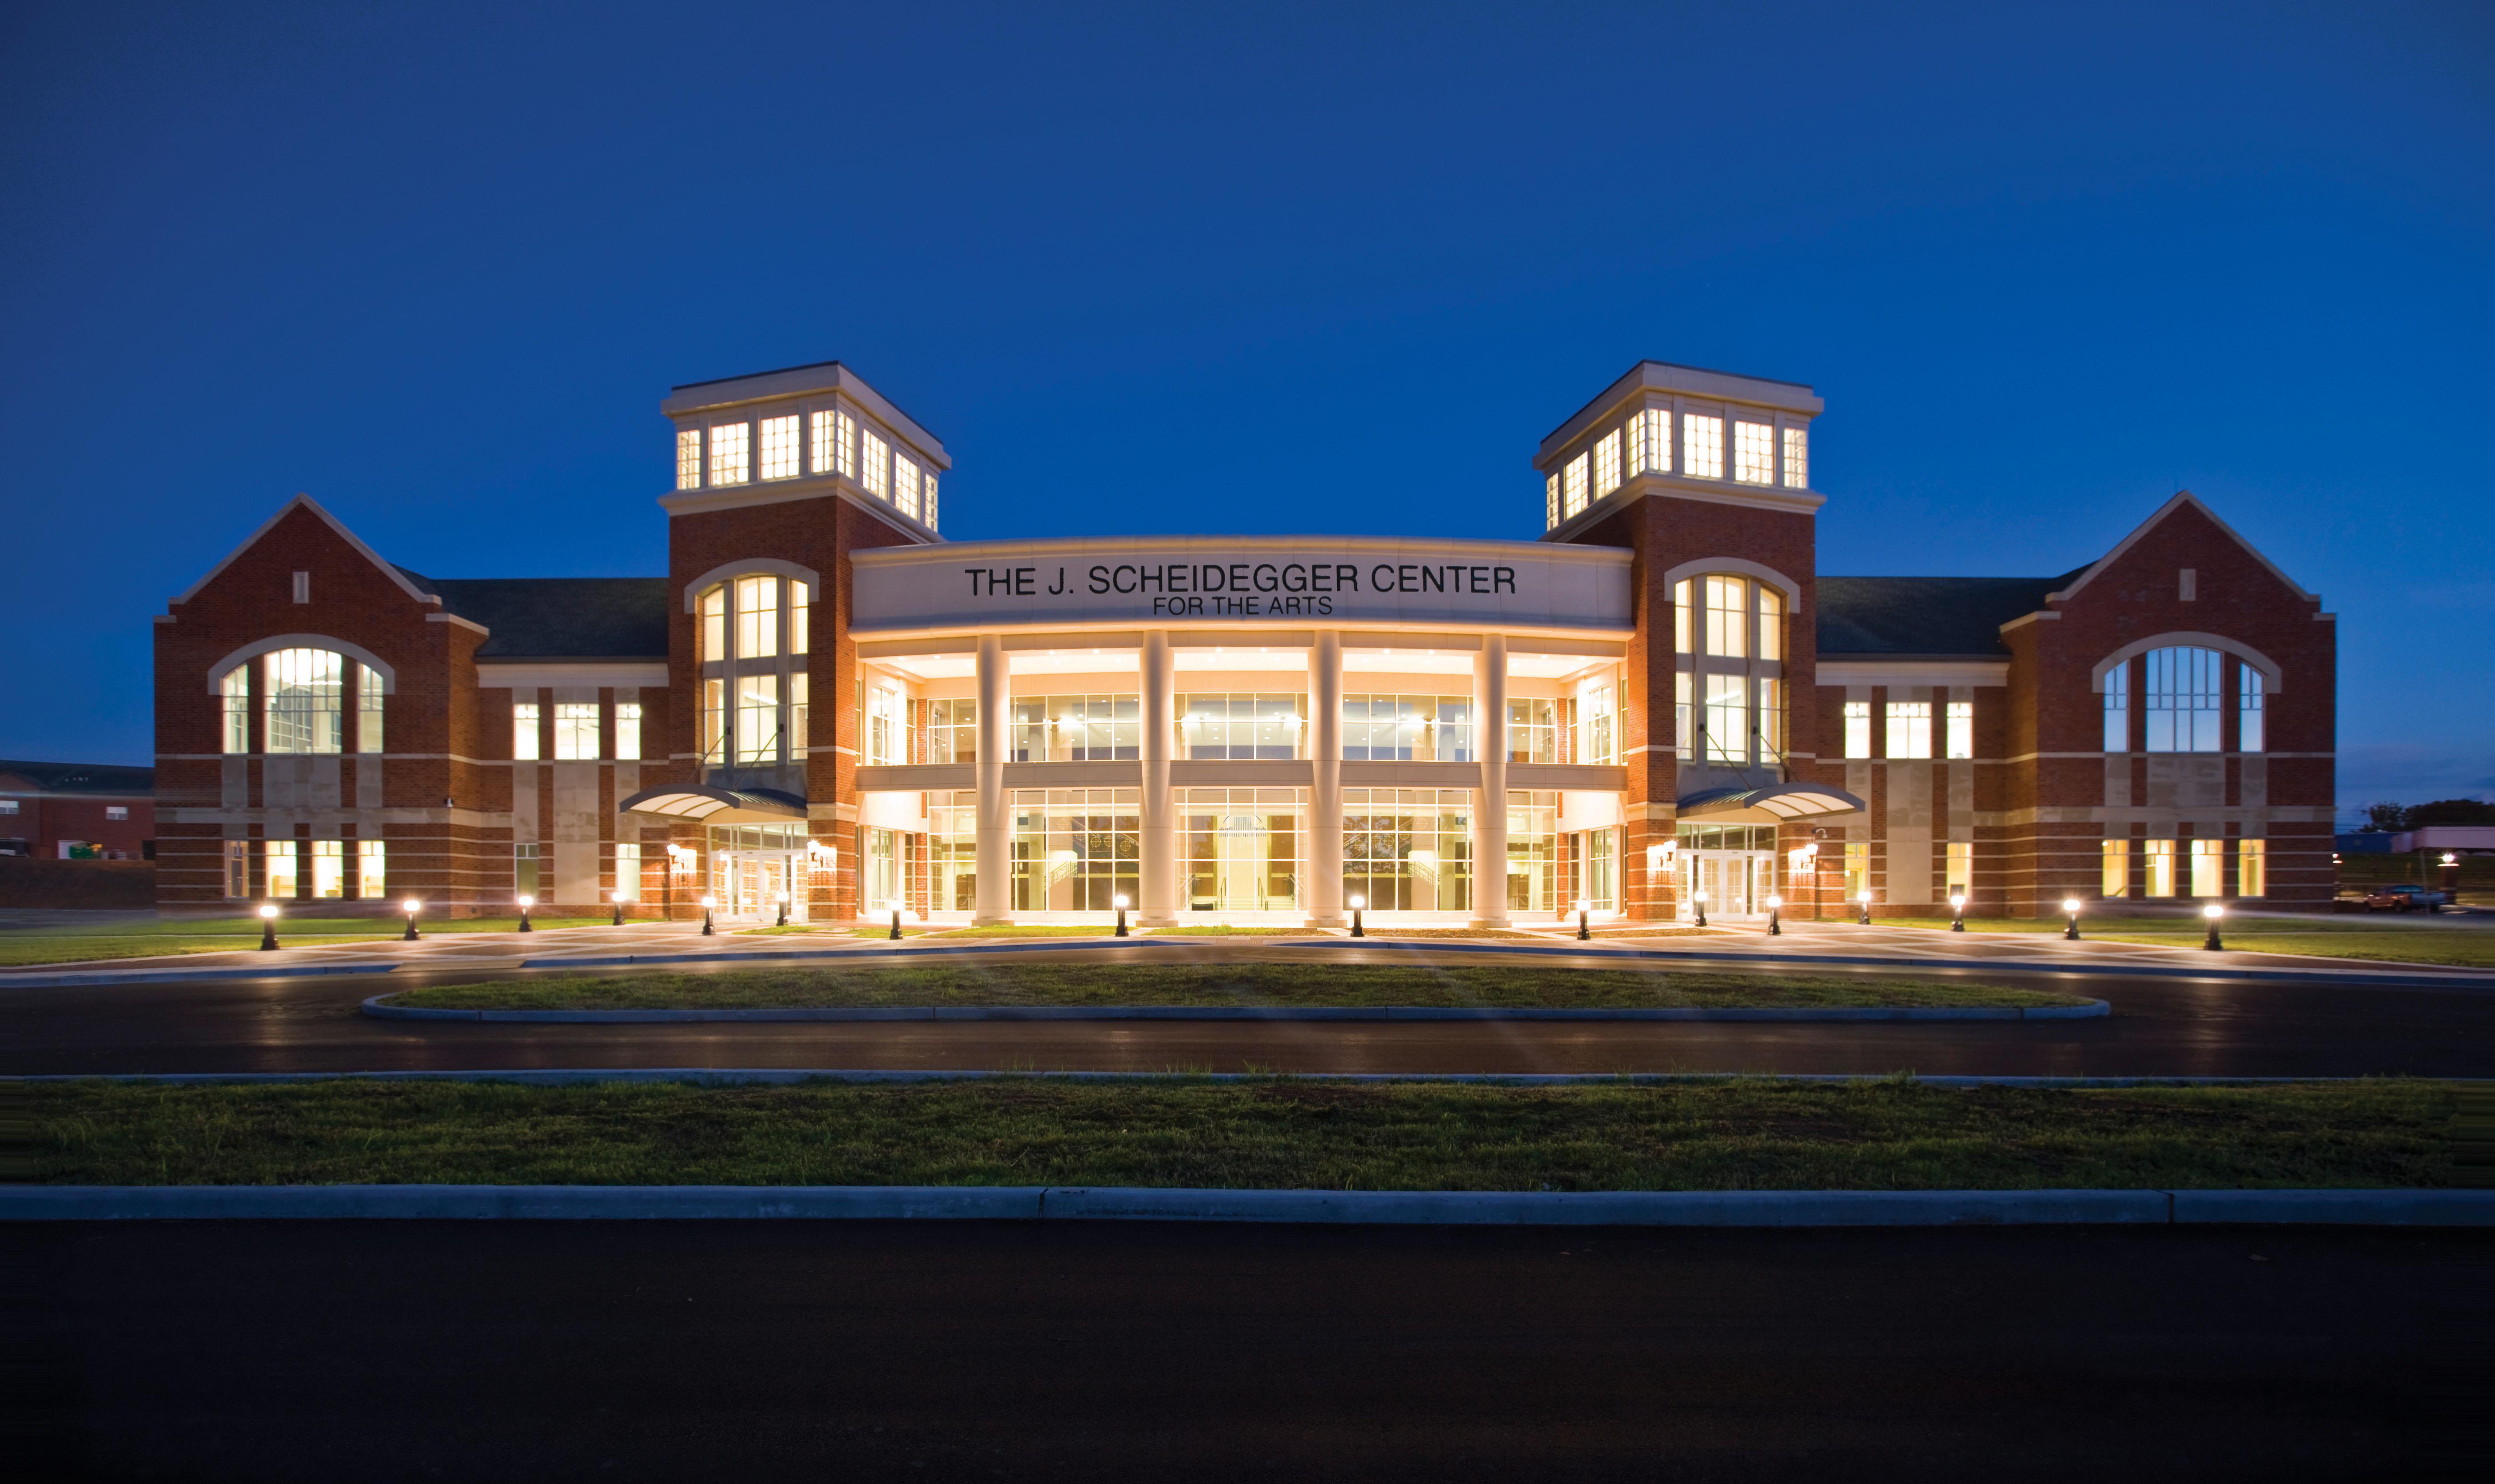 Lindenwood - J. Scheidegger Center